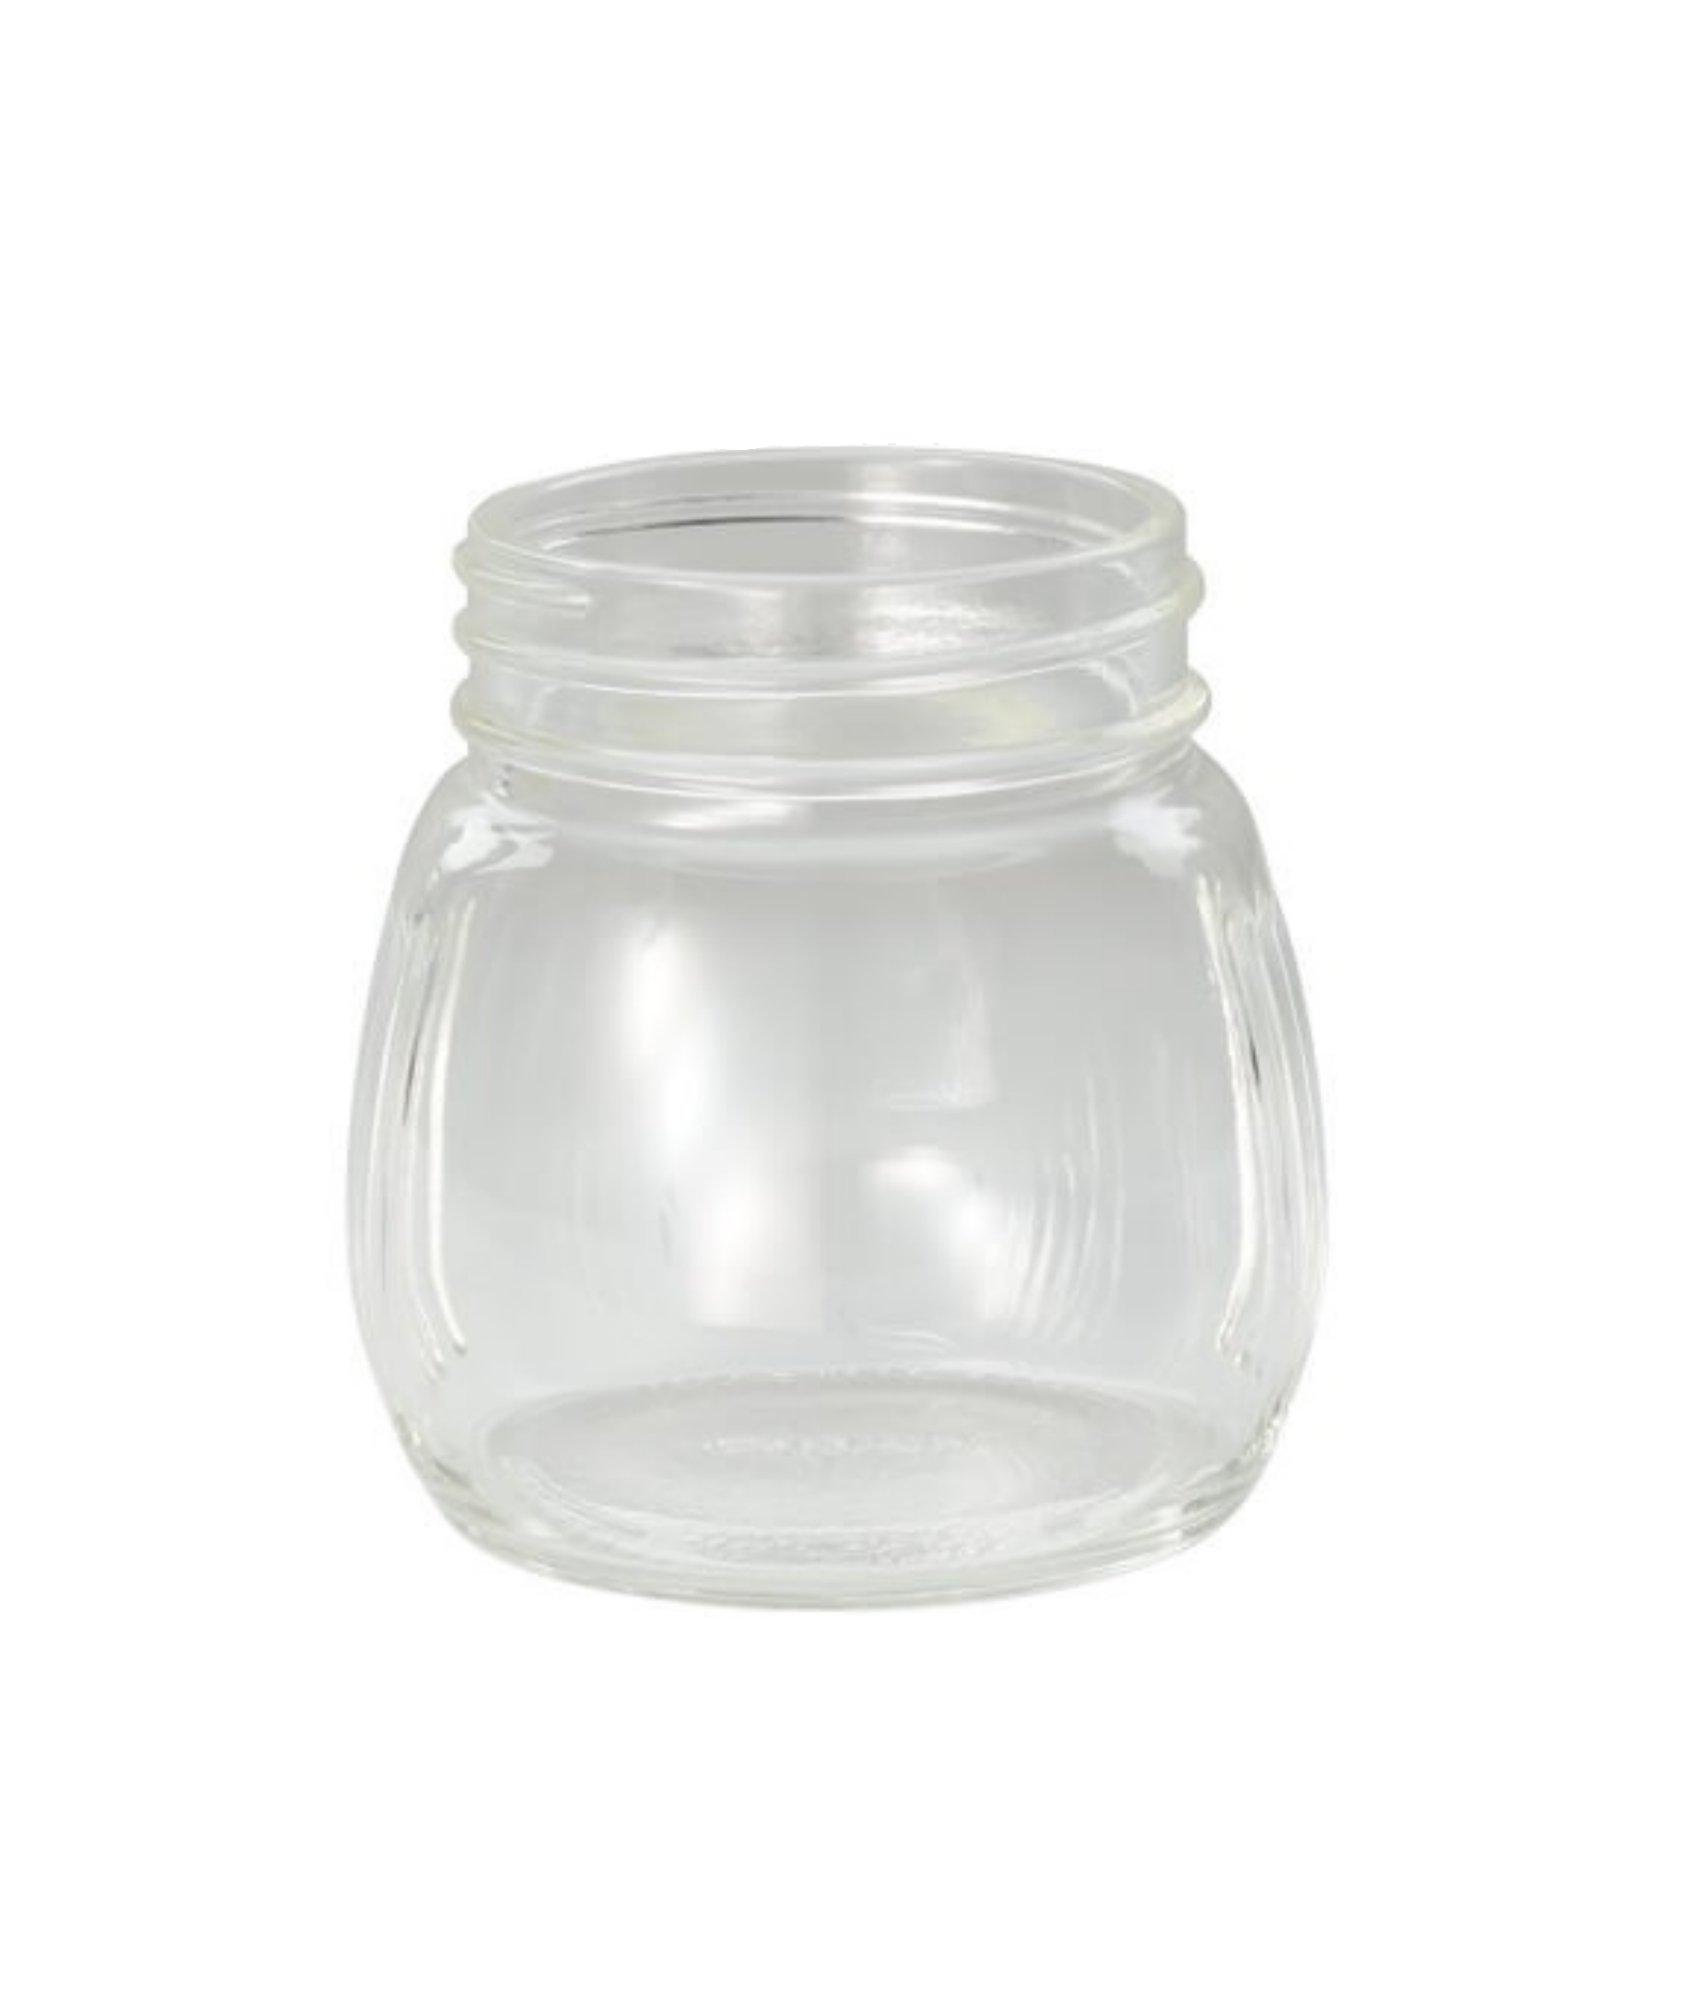 Hario Skerton Ersatzglas Behälter